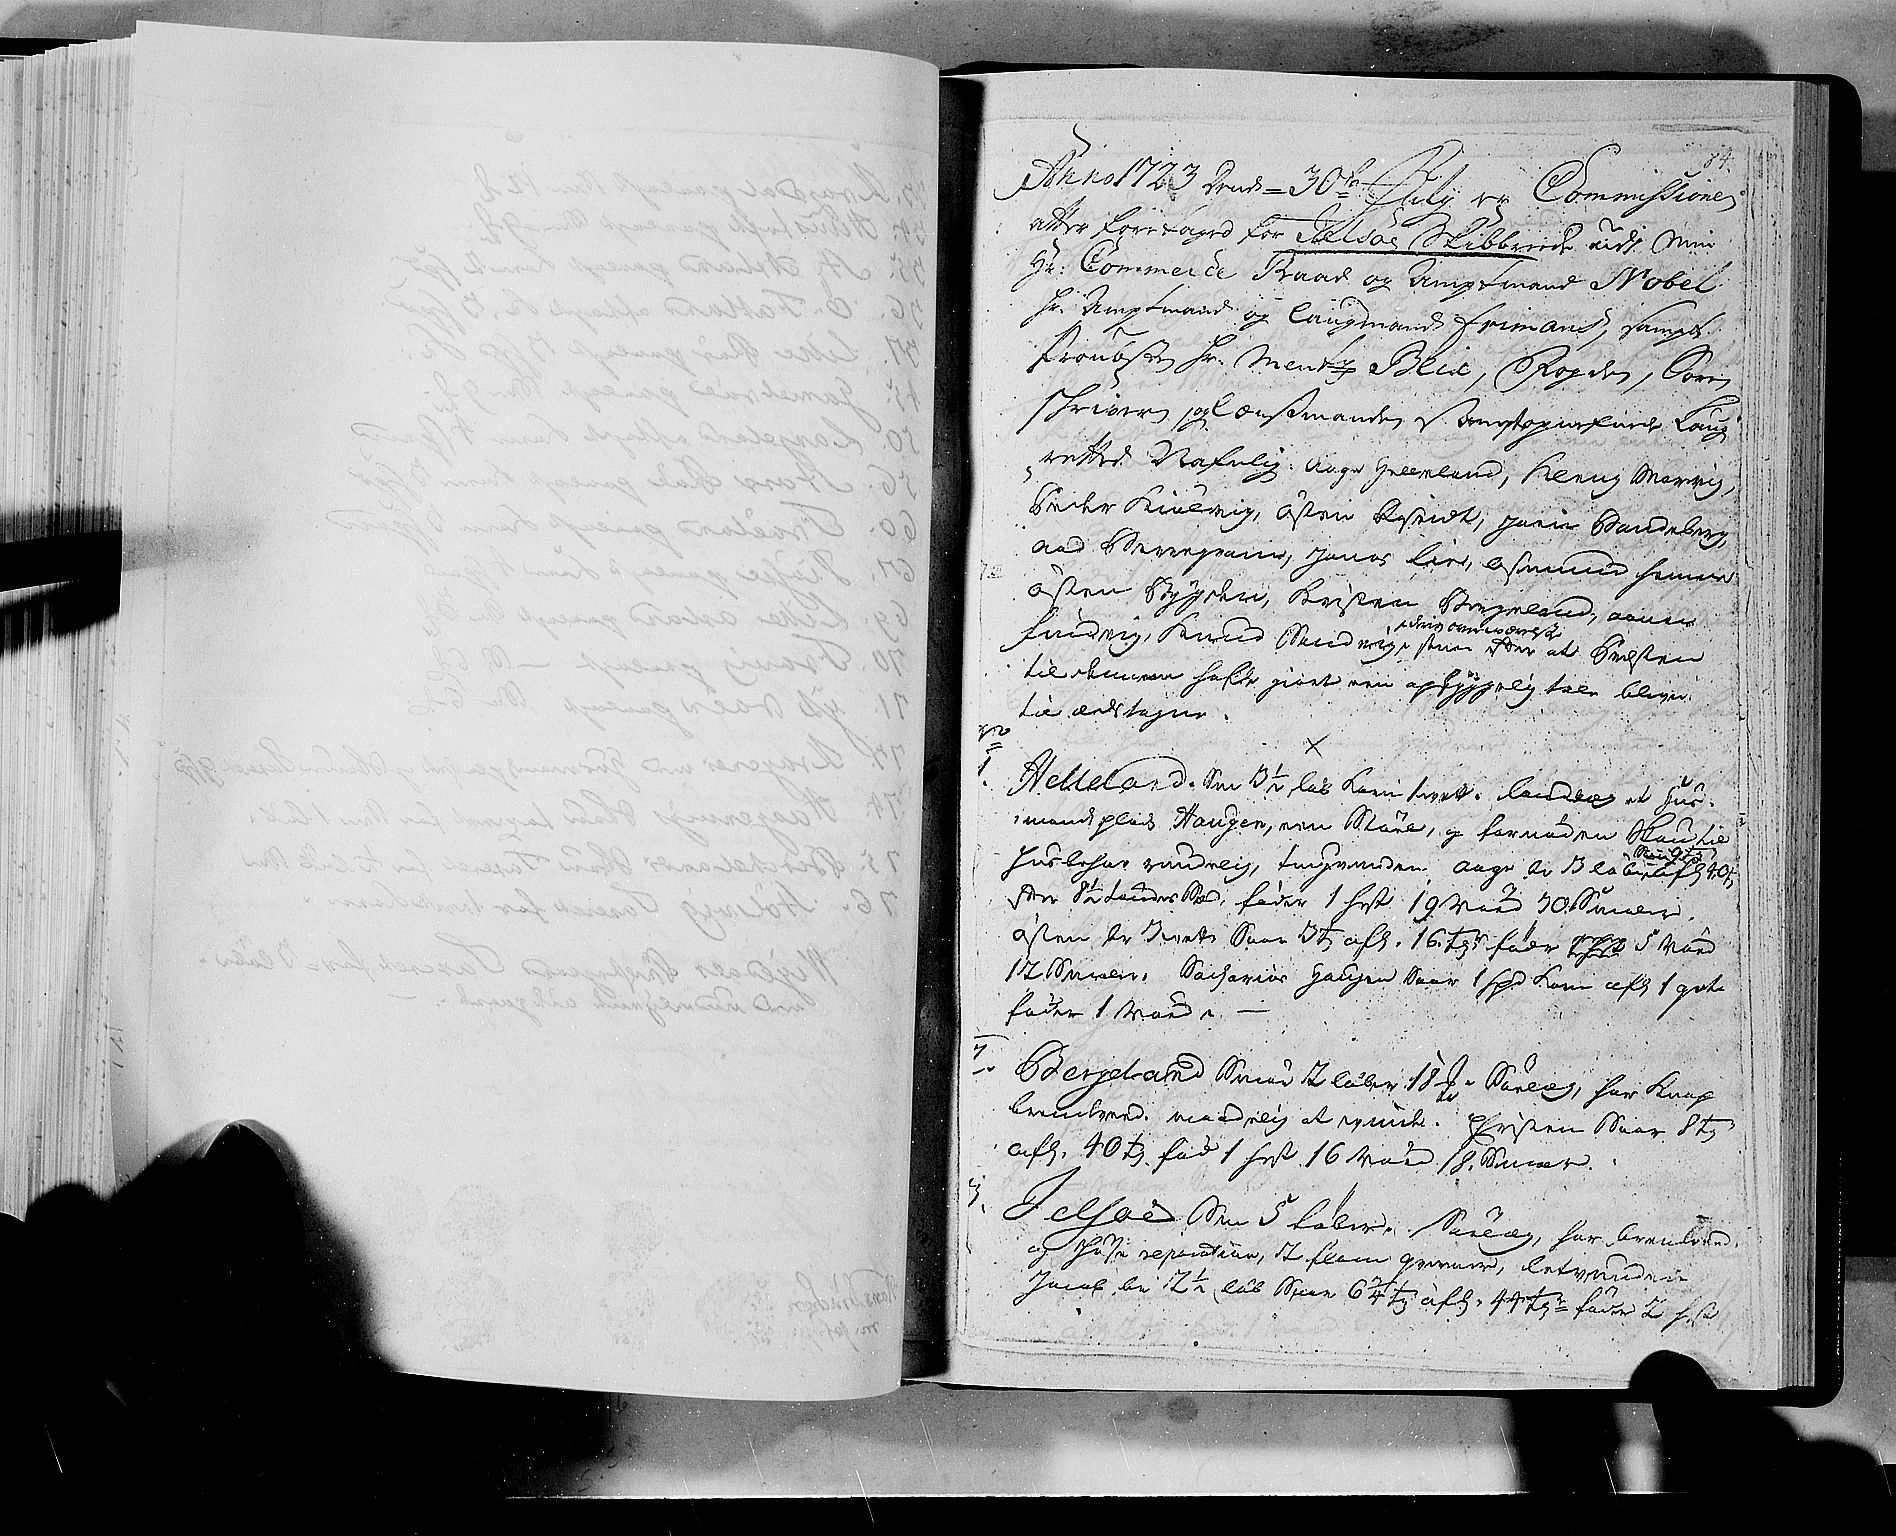 RA, Rentekammeret inntil 1814, Realistisk ordnet avdeling, N/Nb/Nbf/L0133a: Ryfylke eksaminasjonsprotokoll, 1723, s. 84a